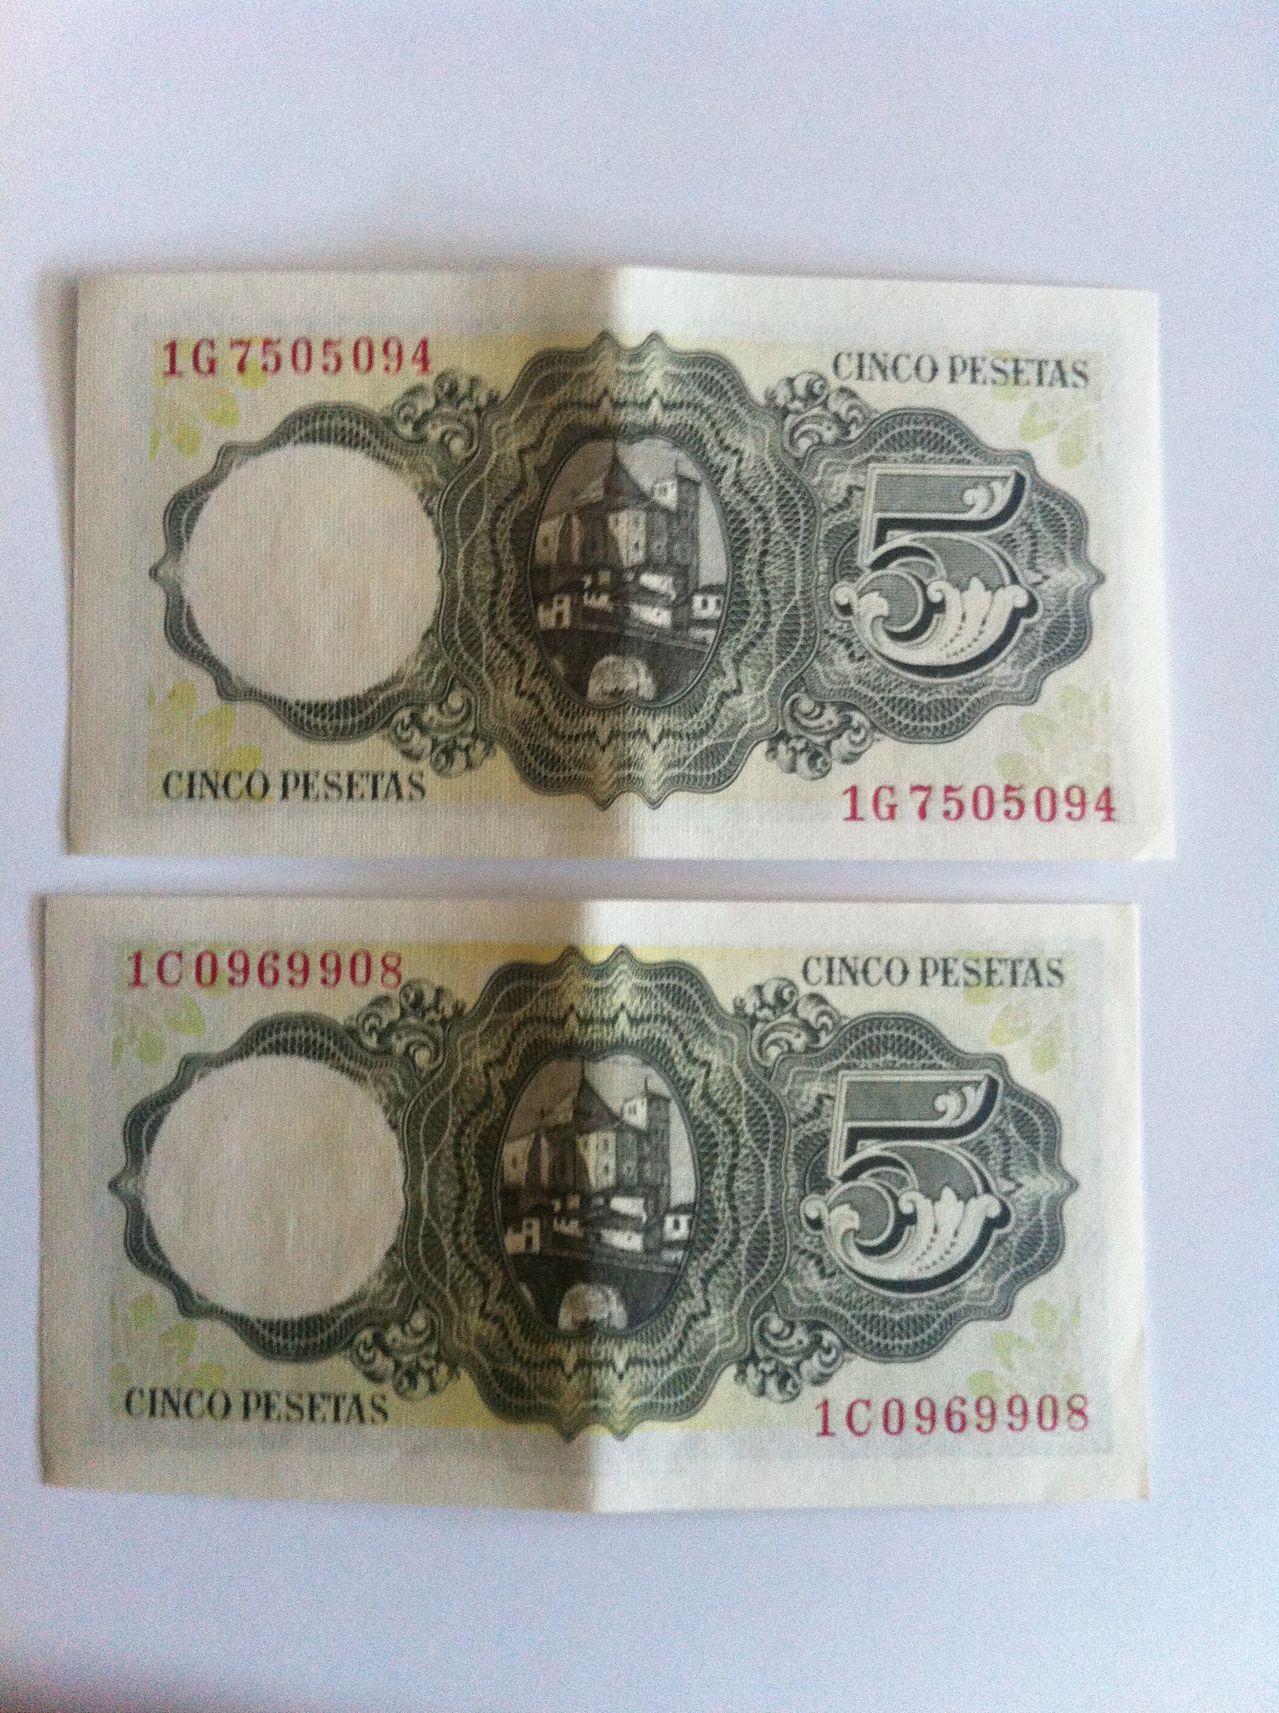 Ayuda para valorar coleccion de billetes IMG_4962